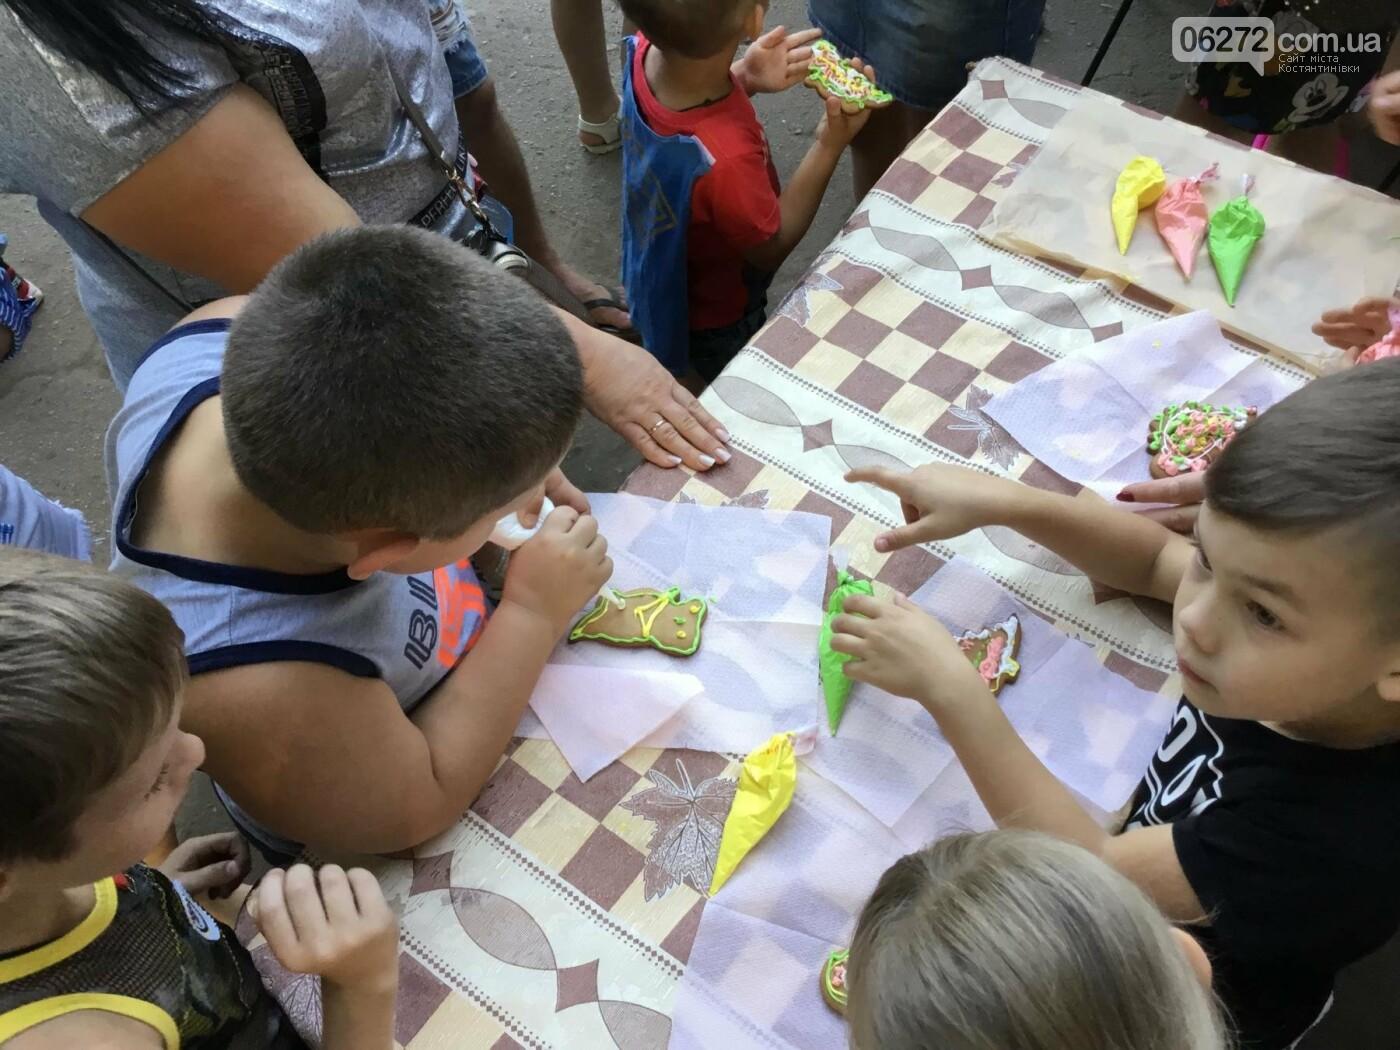 Вчера в Константиновке состоялся благотворительный праздник для детей (видео), фото-4